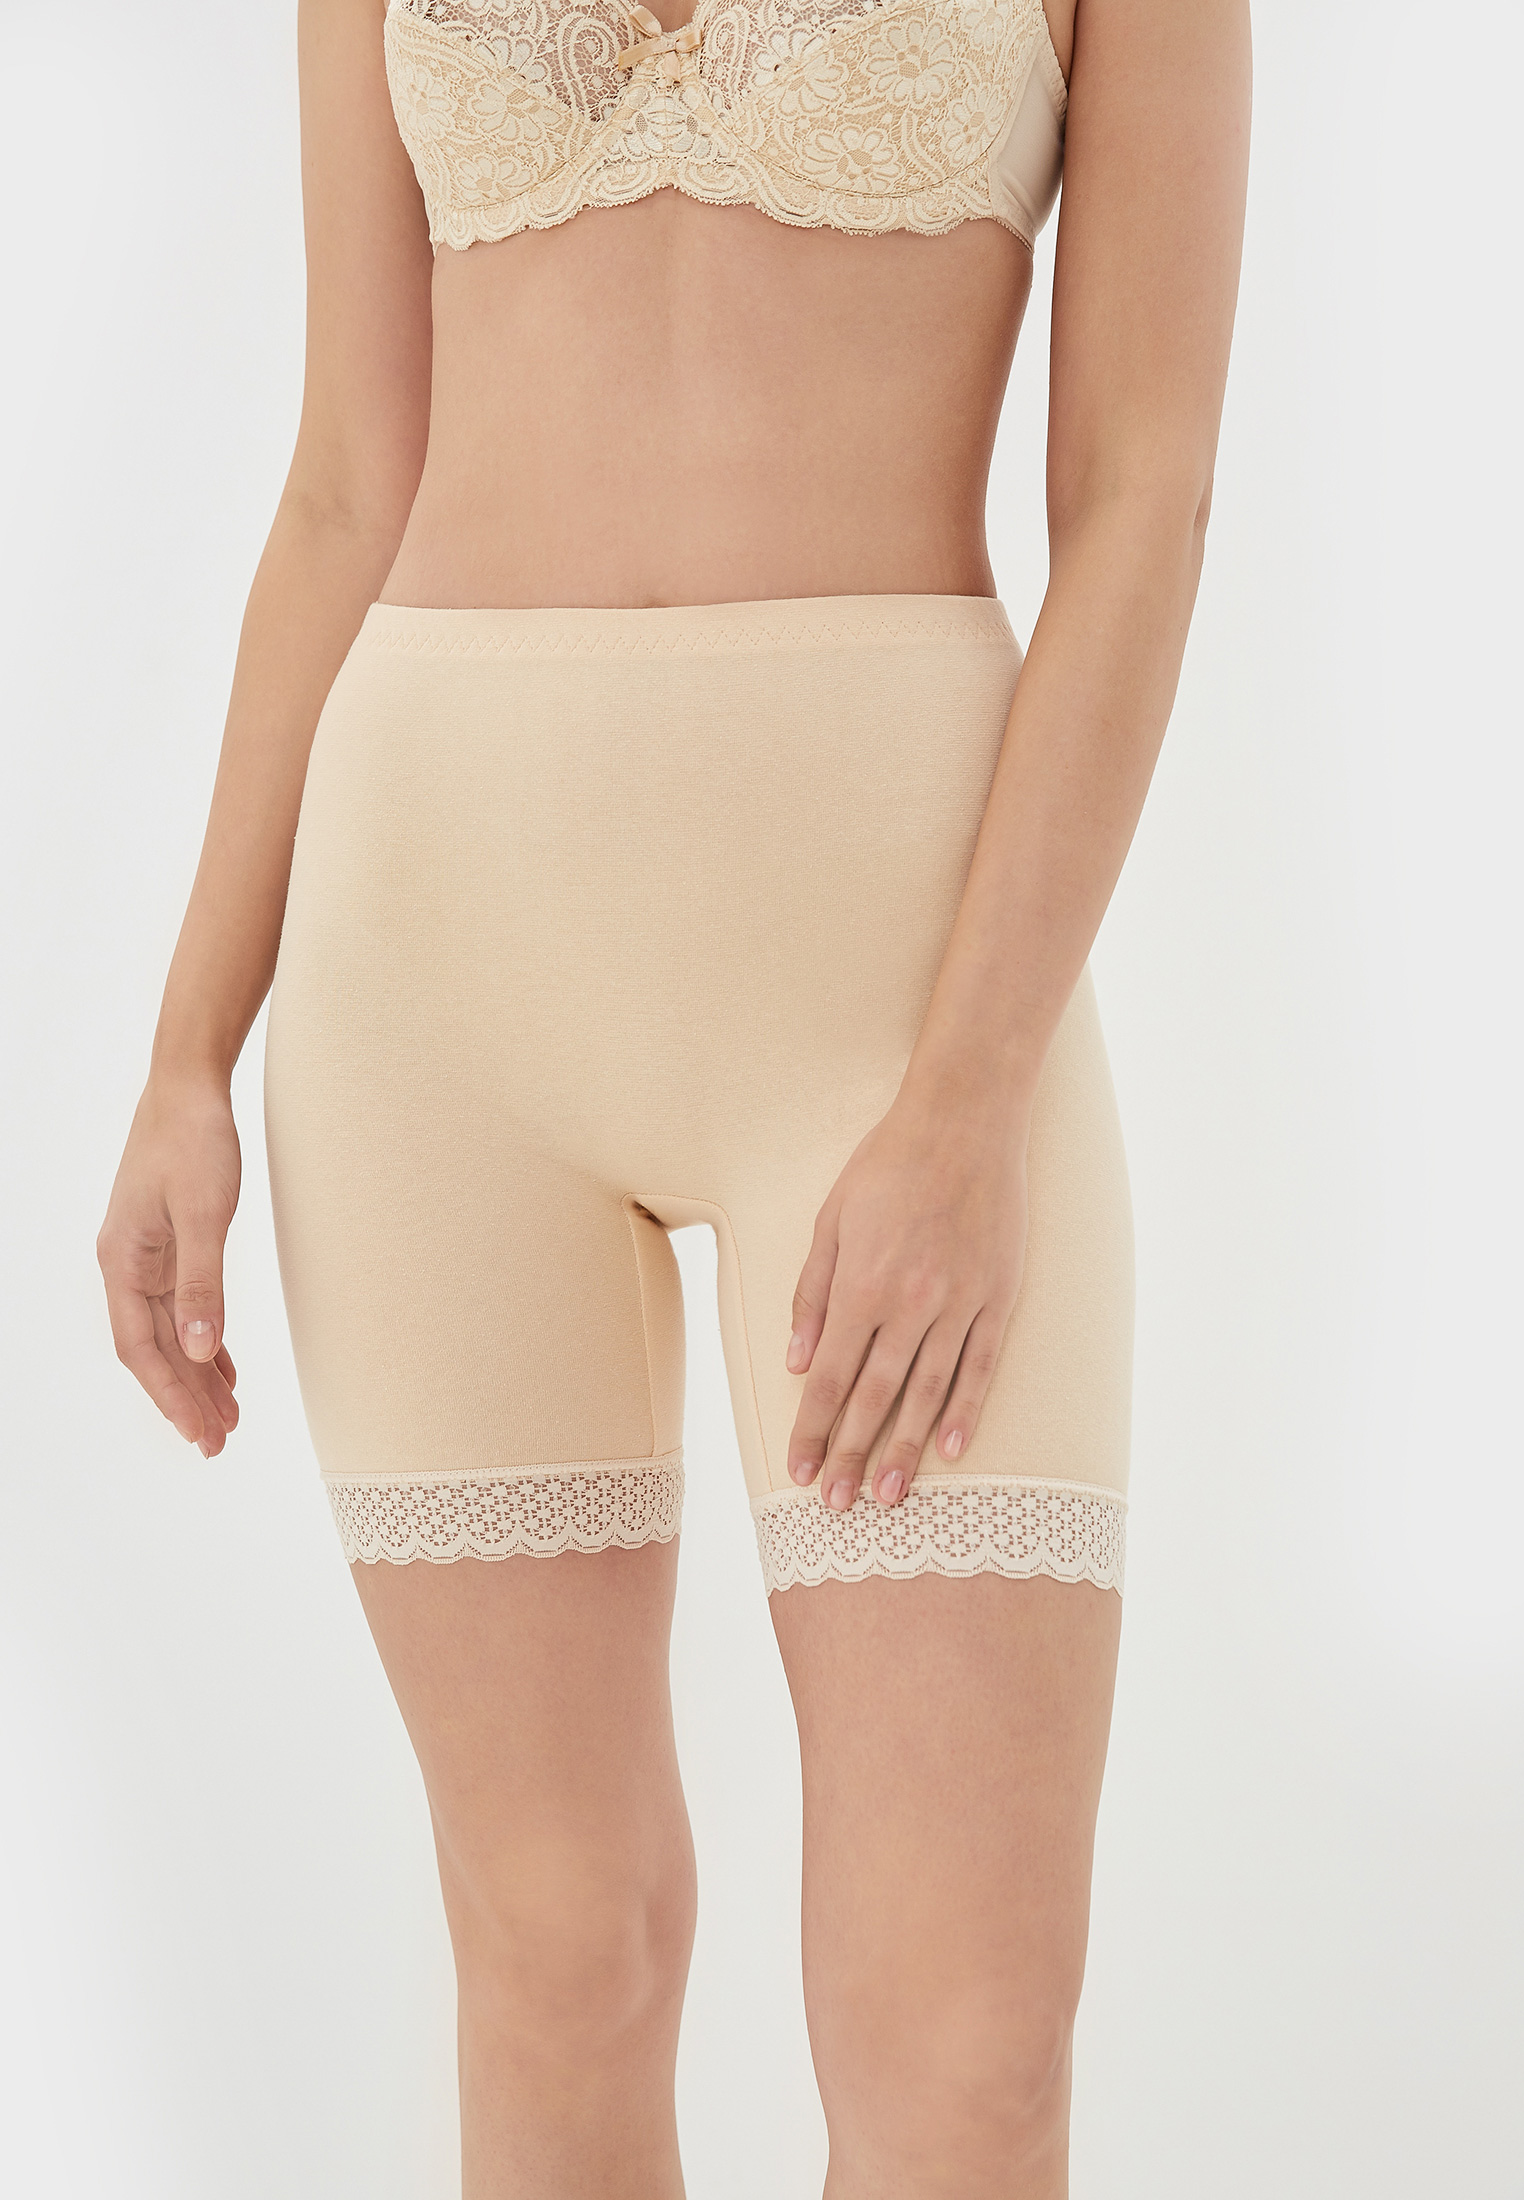 Панталоны женские НОВОЕ ВРЕМЯ T014 бежевые 54 RU